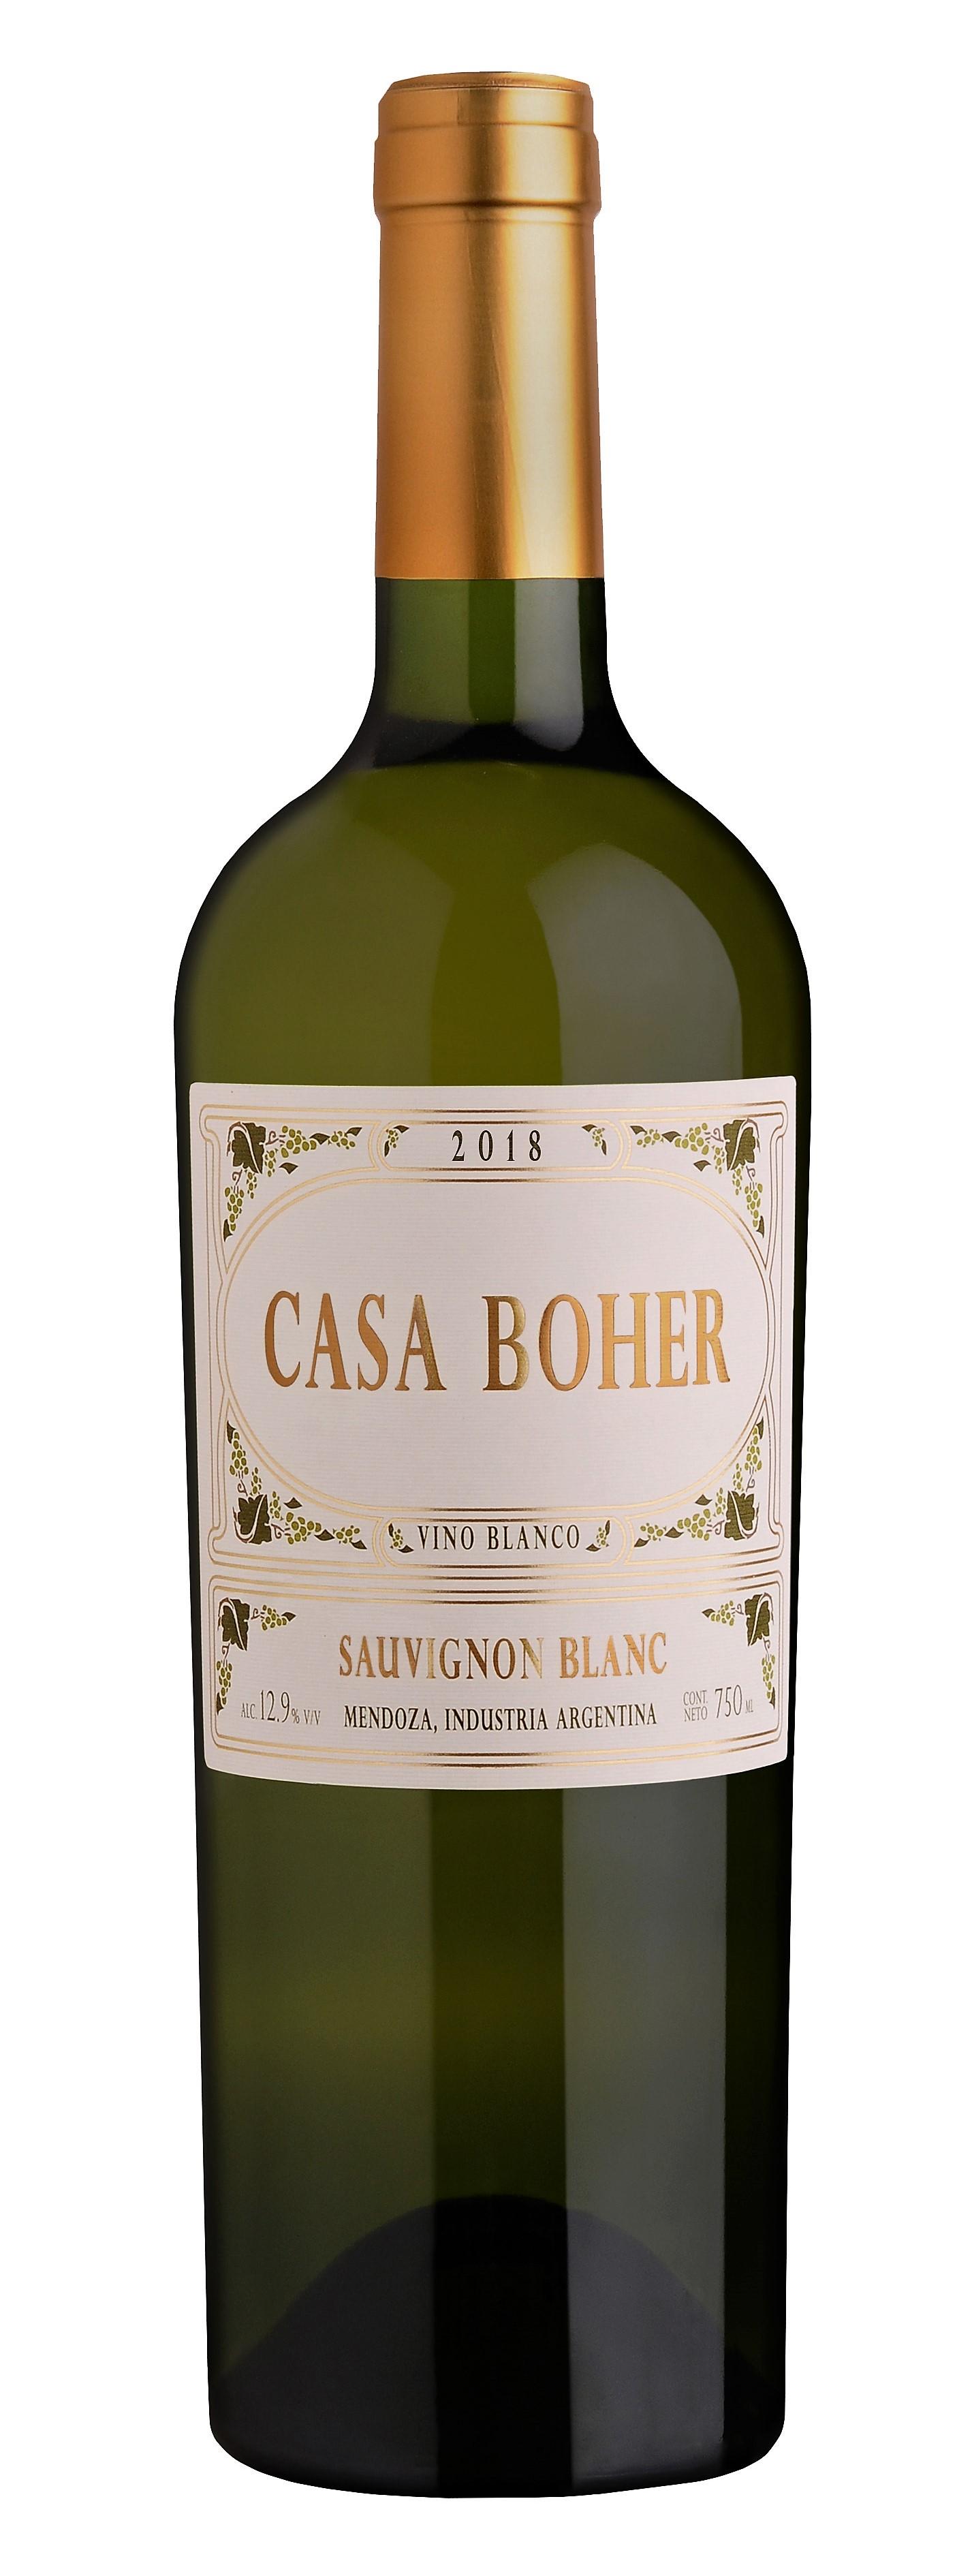 Casa Boher Sauvignon Blanc 2018